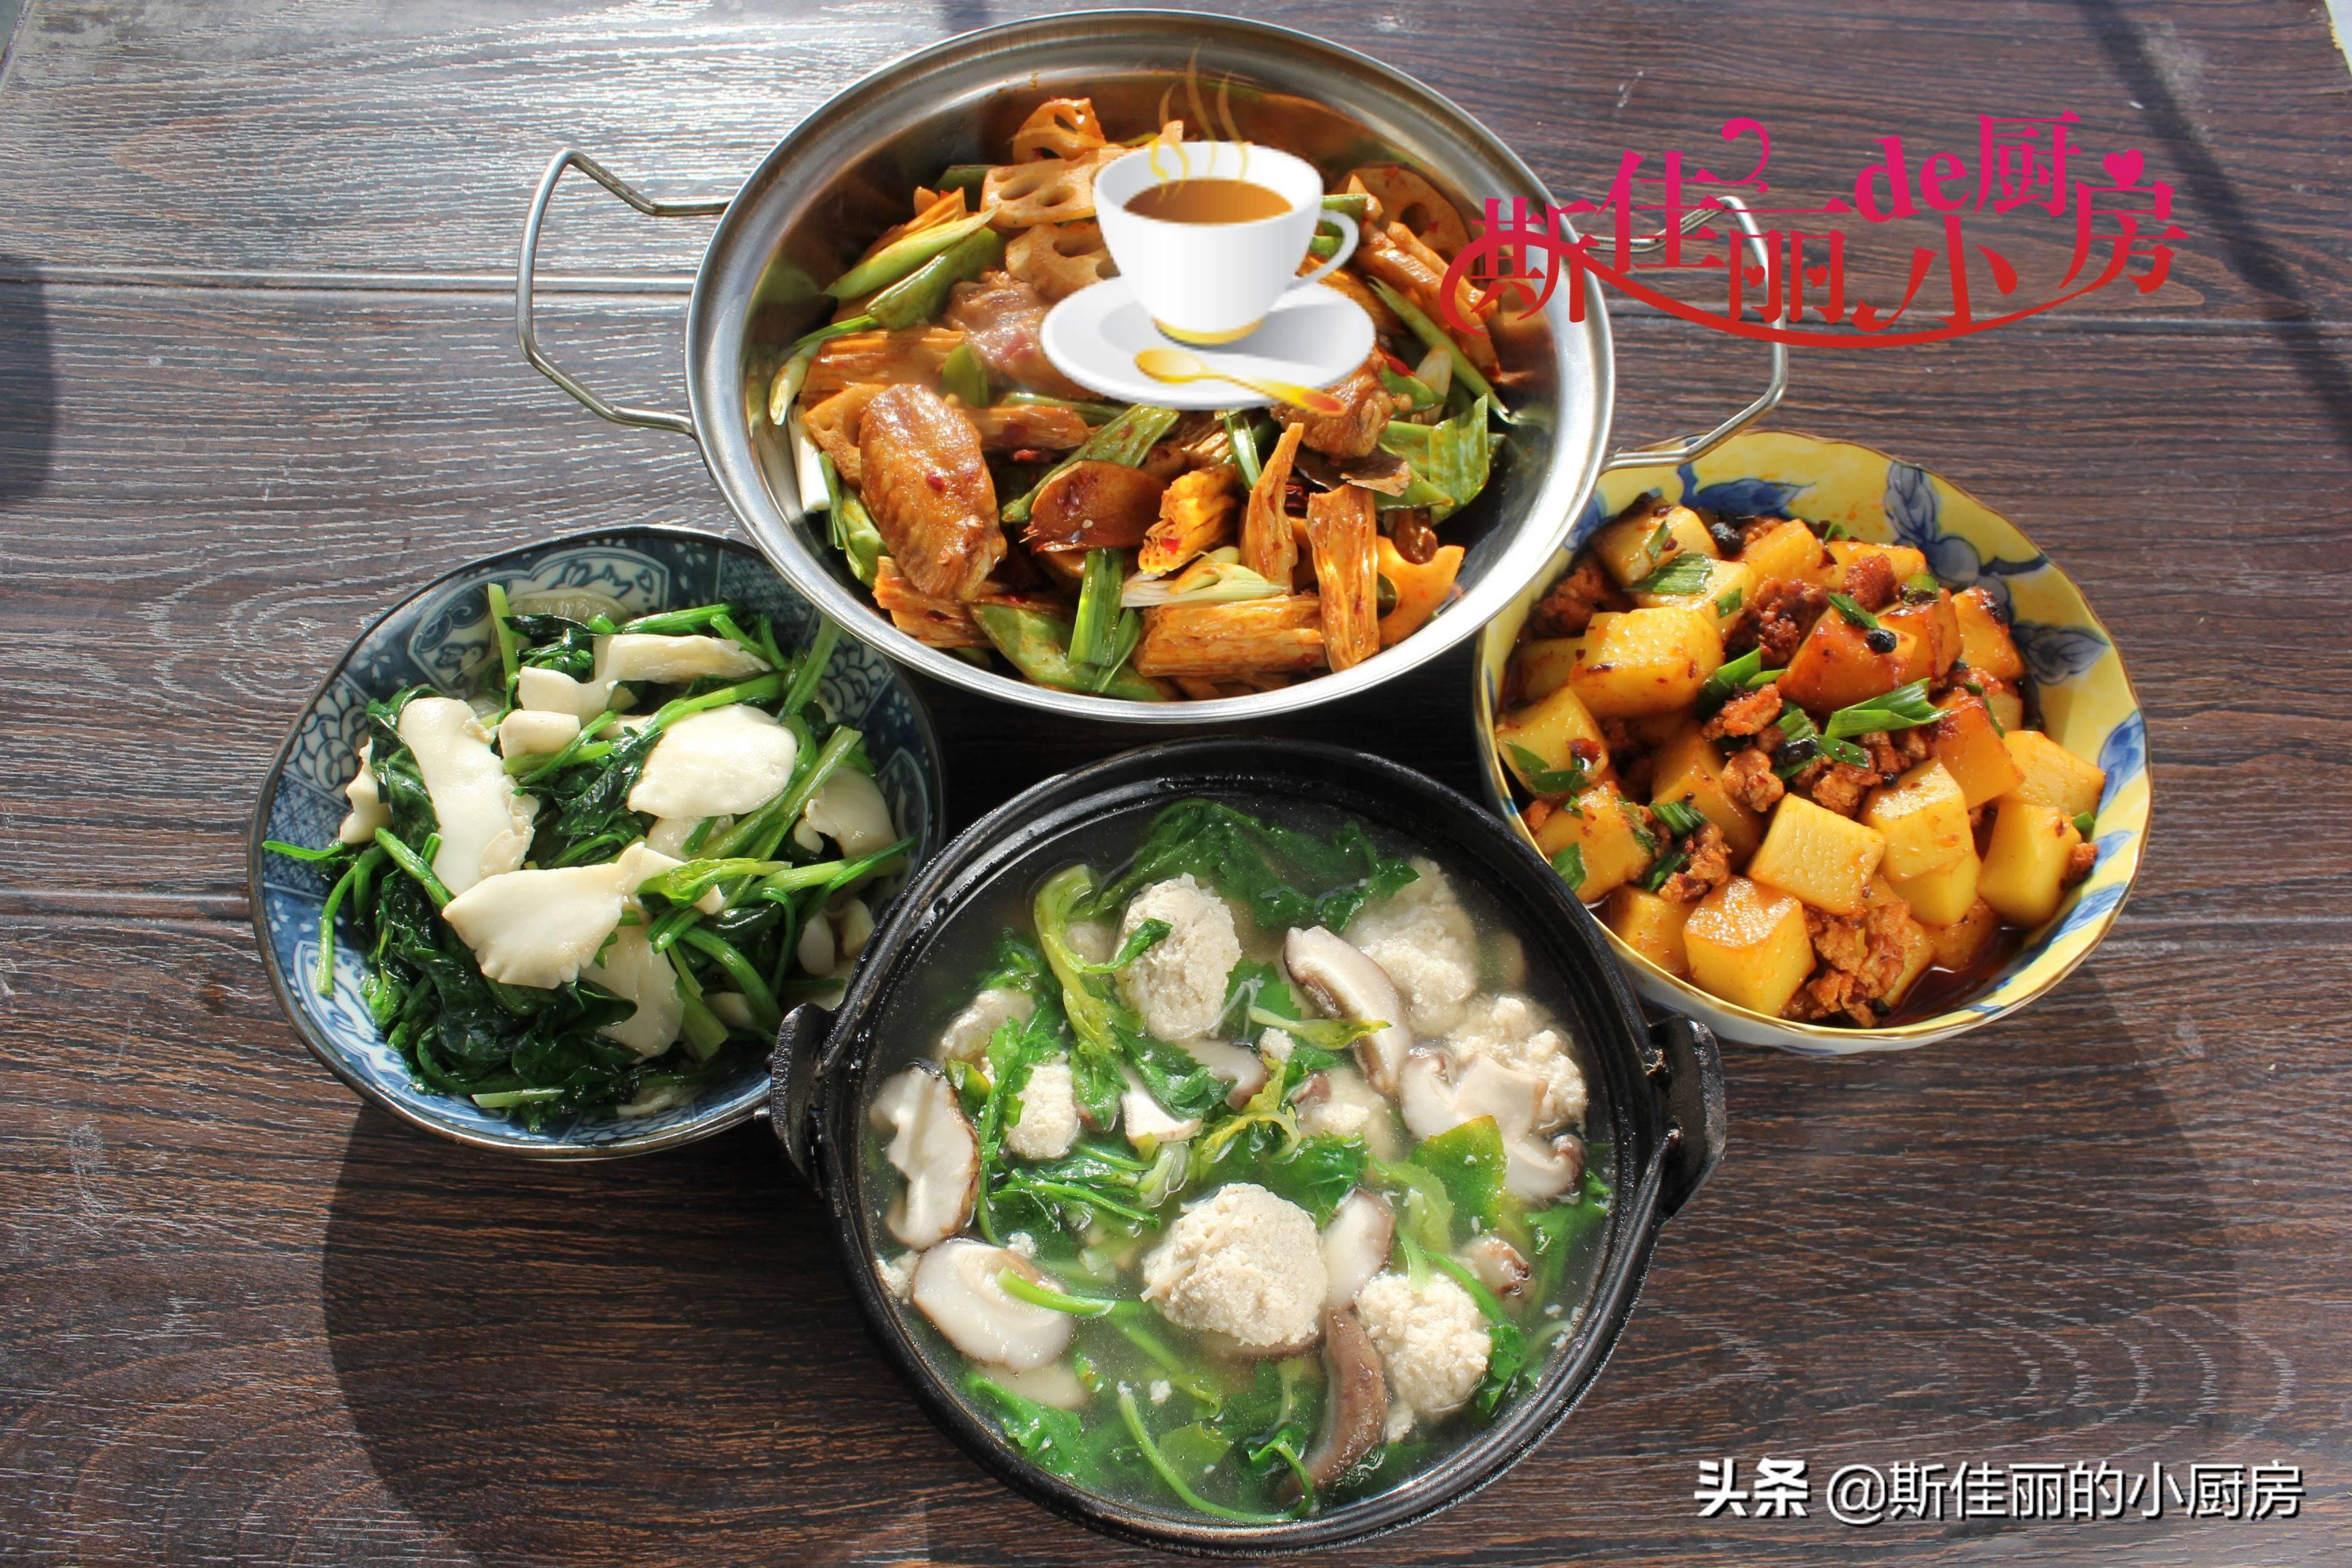 武汉三口之家晚餐,荤素搭配好吃好做,家人爱吃从不剩菜也不浪费